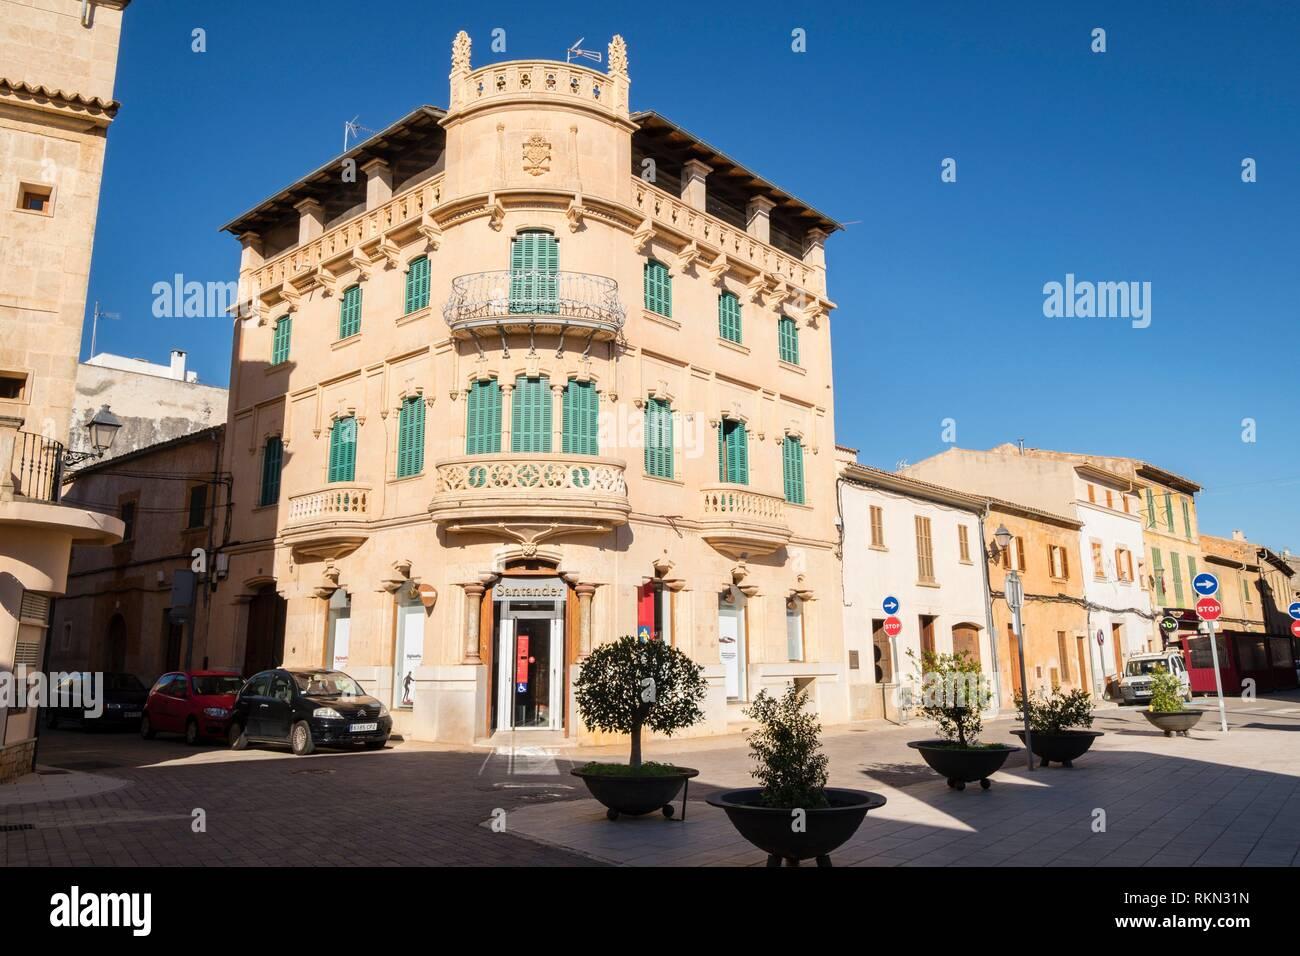 Cas Sant, Campos, Maiorca, isole Baleari, Spagna. Immagini Stock